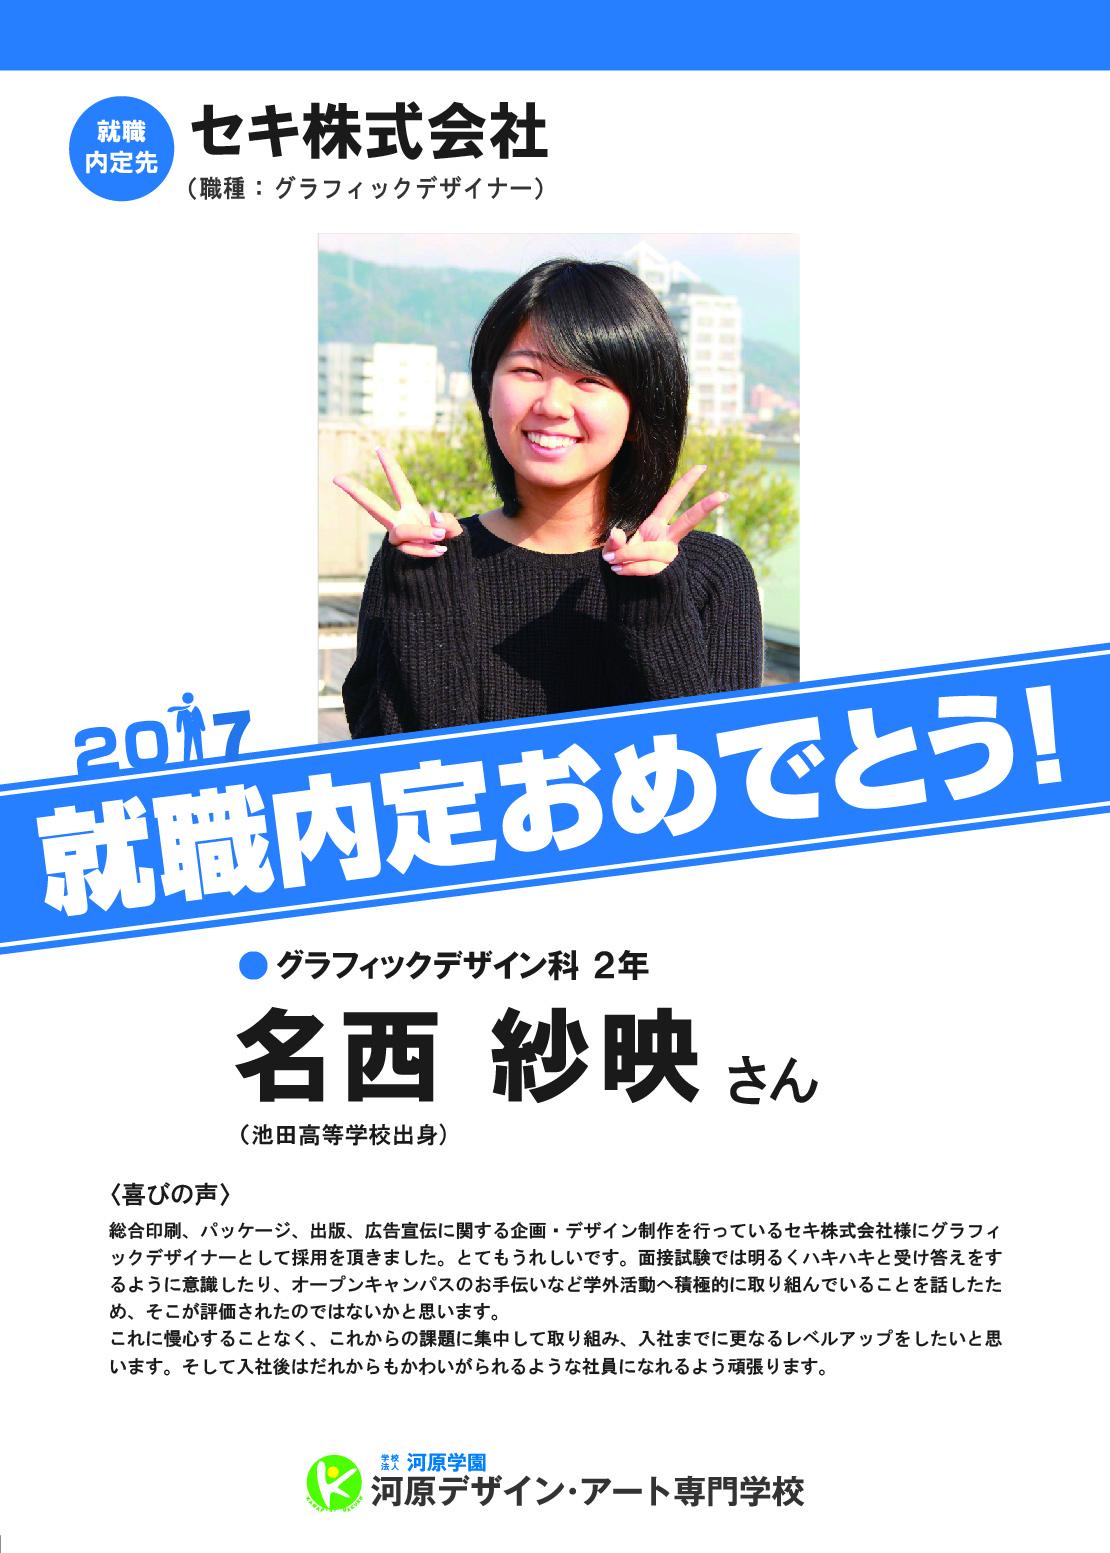 グラフィックデザイン科 名西紗映さん内定インタビュー! | 河原 ...